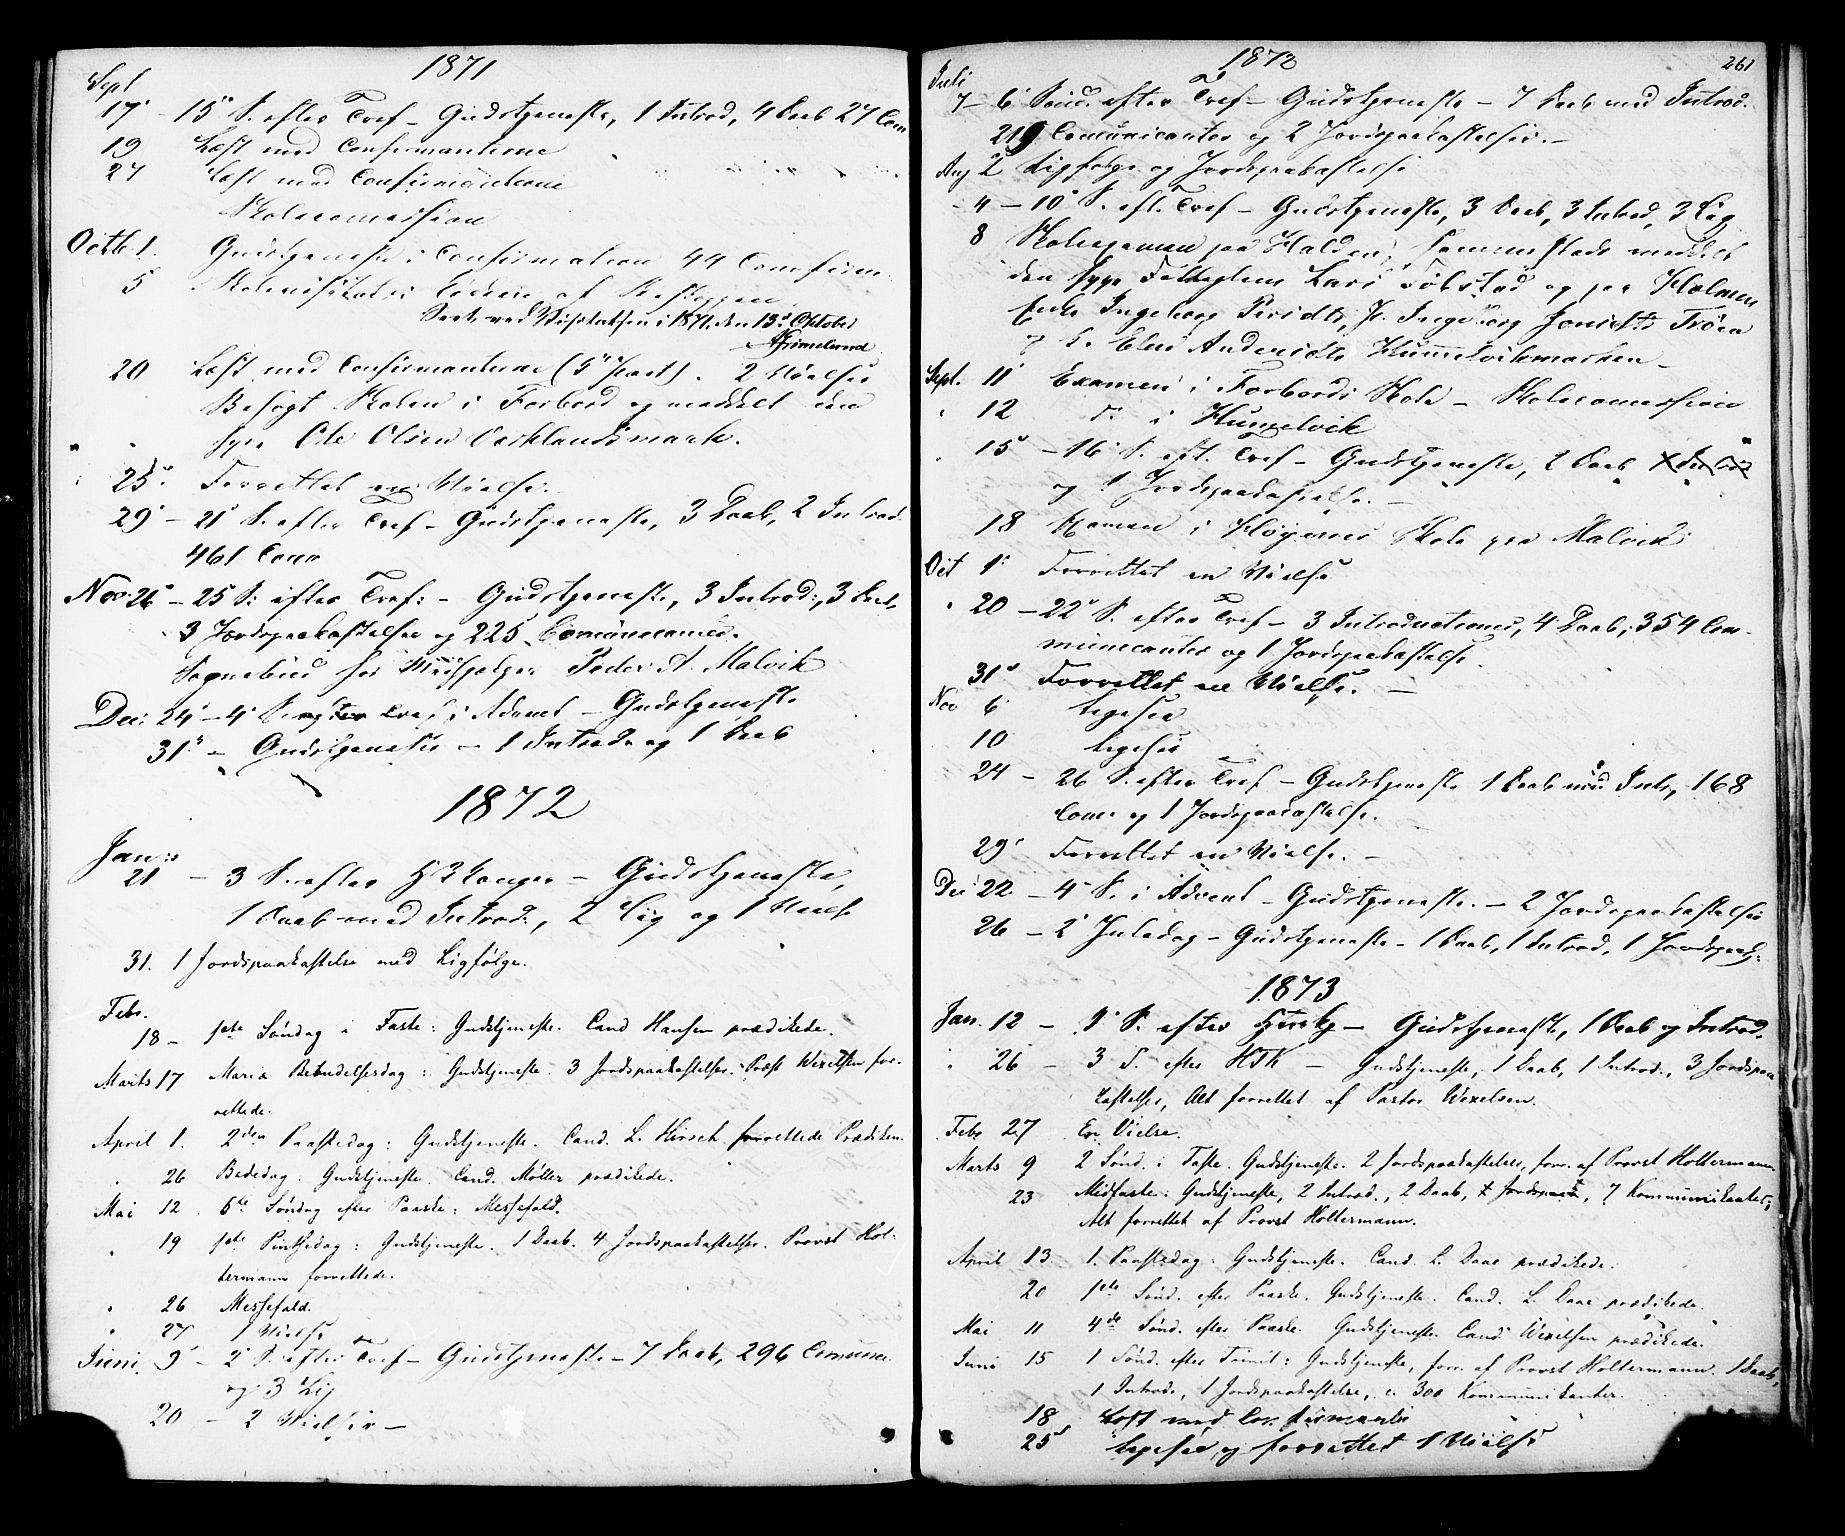 SAT, Ministerialprotokoller, klokkerbøker og fødselsregistre - Sør-Trøndelag, 616/L0409: Ministerialbok nr. 616A06, 1865-1877, s. 261